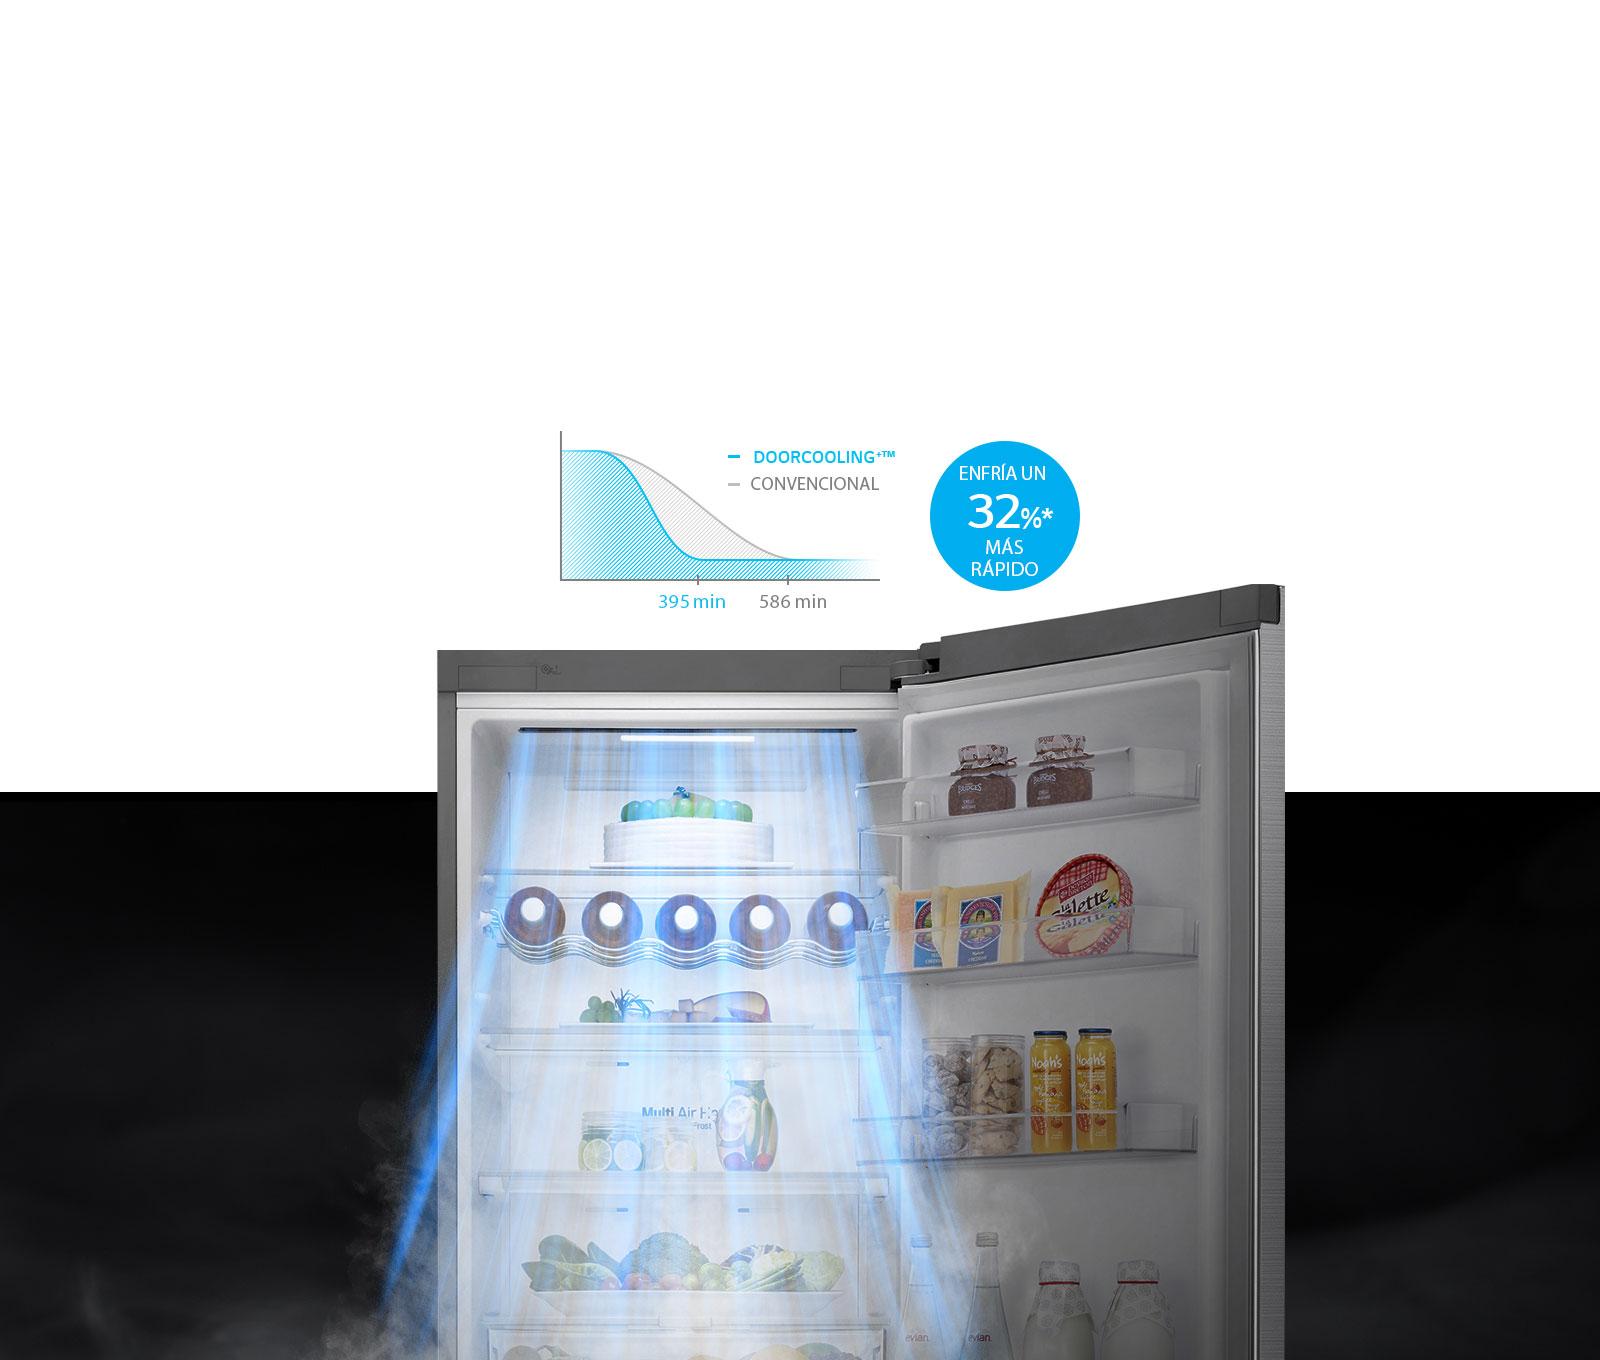 frigorífico lg door cooling enfriamiento rapido